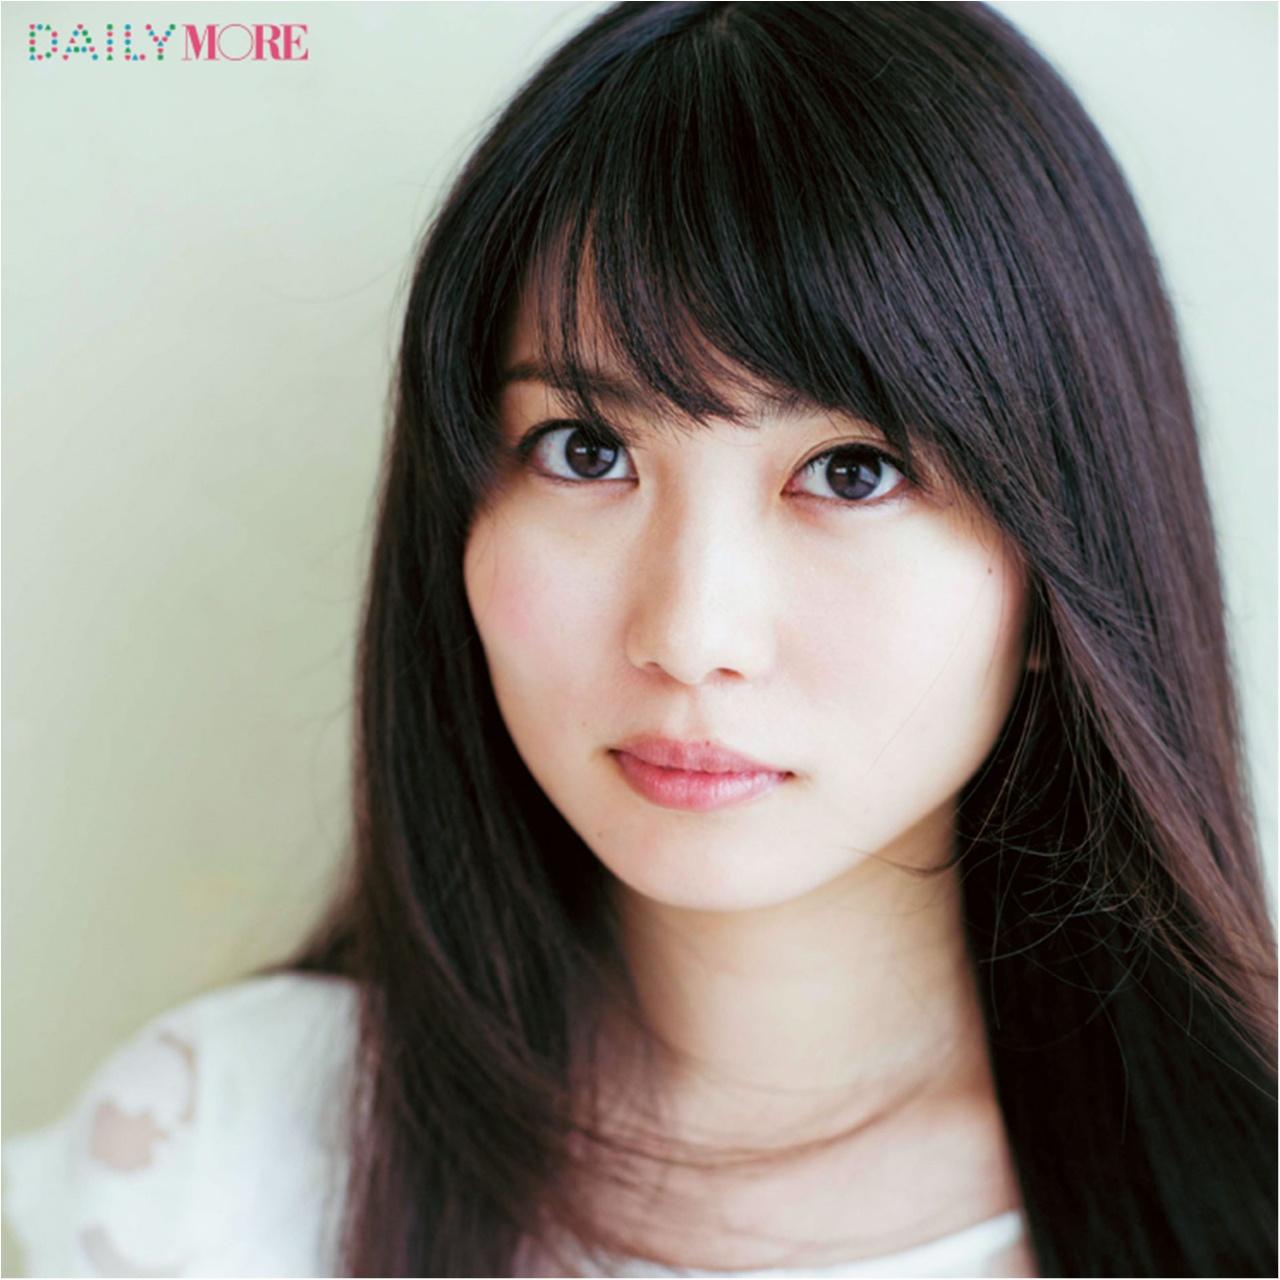 """女優・志田未来さんのキレイを作るおいしすぎる""""飲む美容液""""とは?【憧れ美女の「キレイ印をおとりよせ」】_1"""